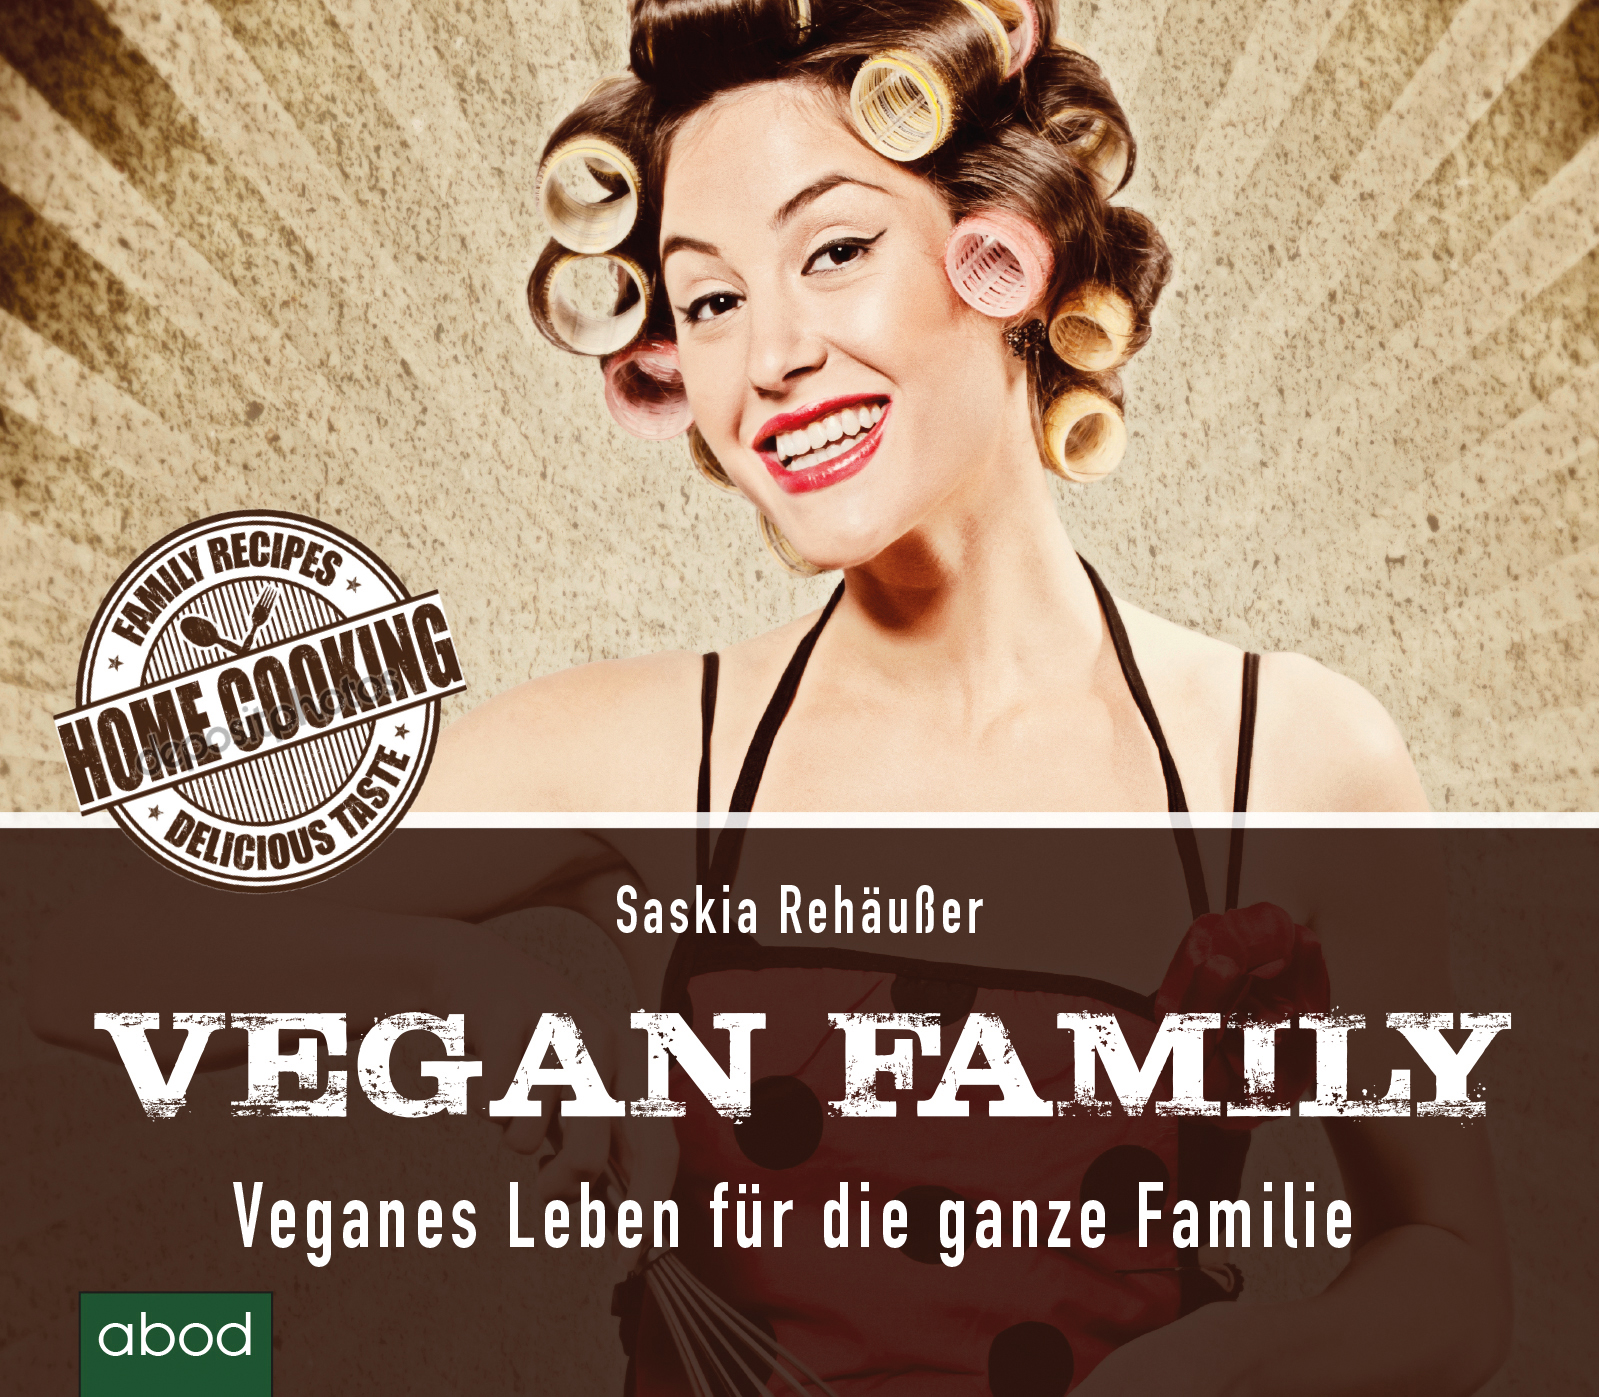 Vegan Family Saskia Rehäußer